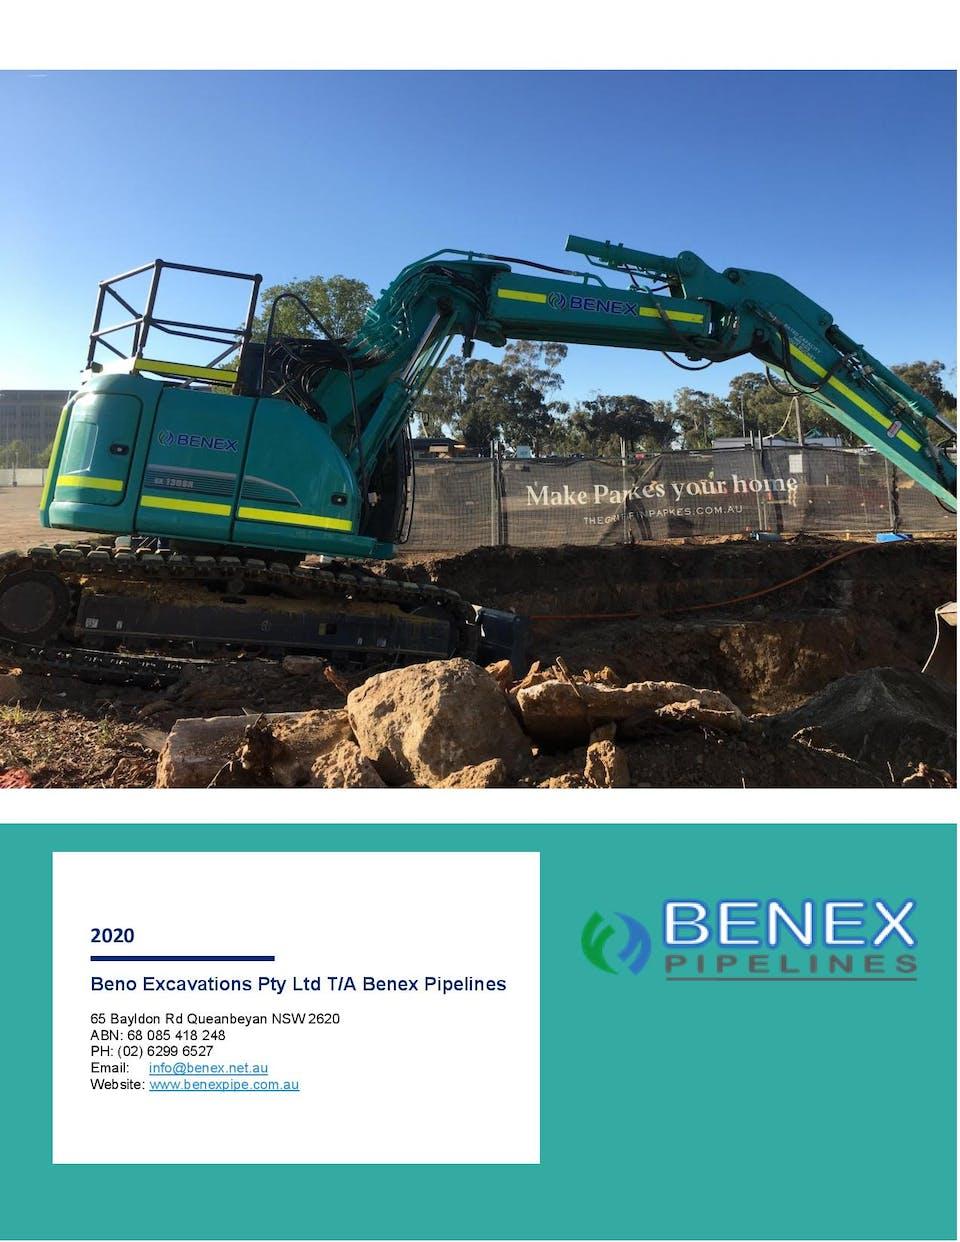 Benex Pipelines